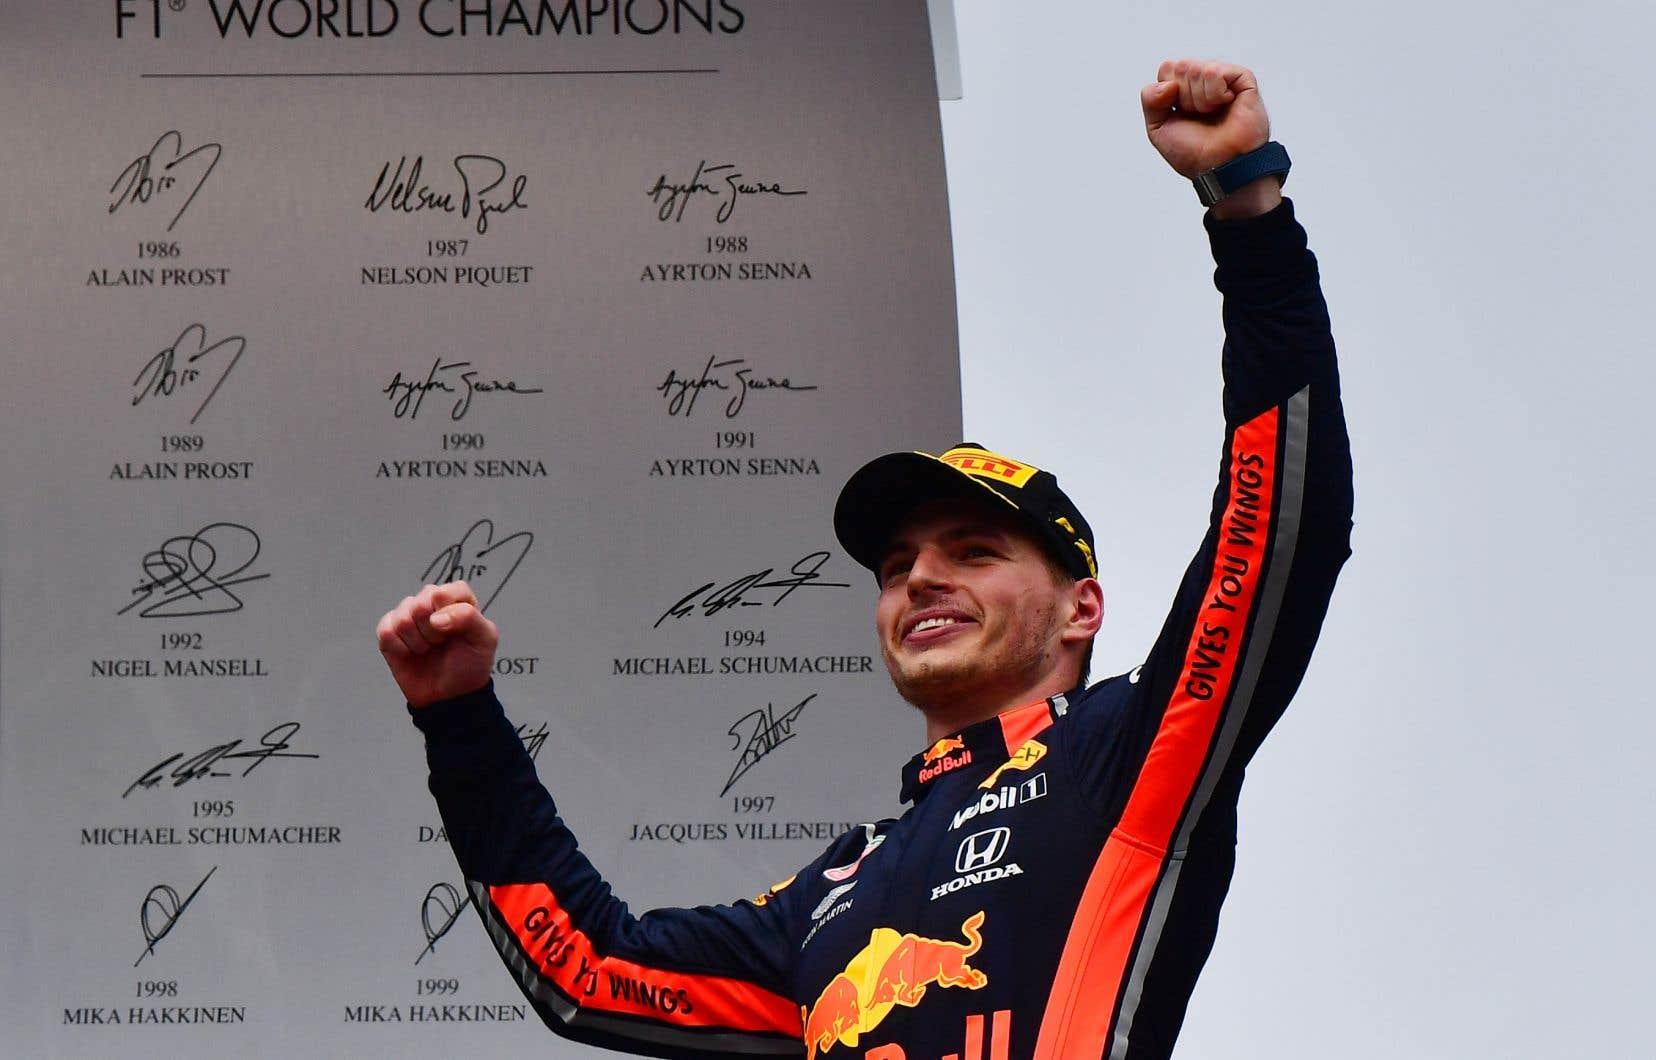 Verstappen est présenté comme un futur multiple champion et semble véritablement capable de défier Hamilton.